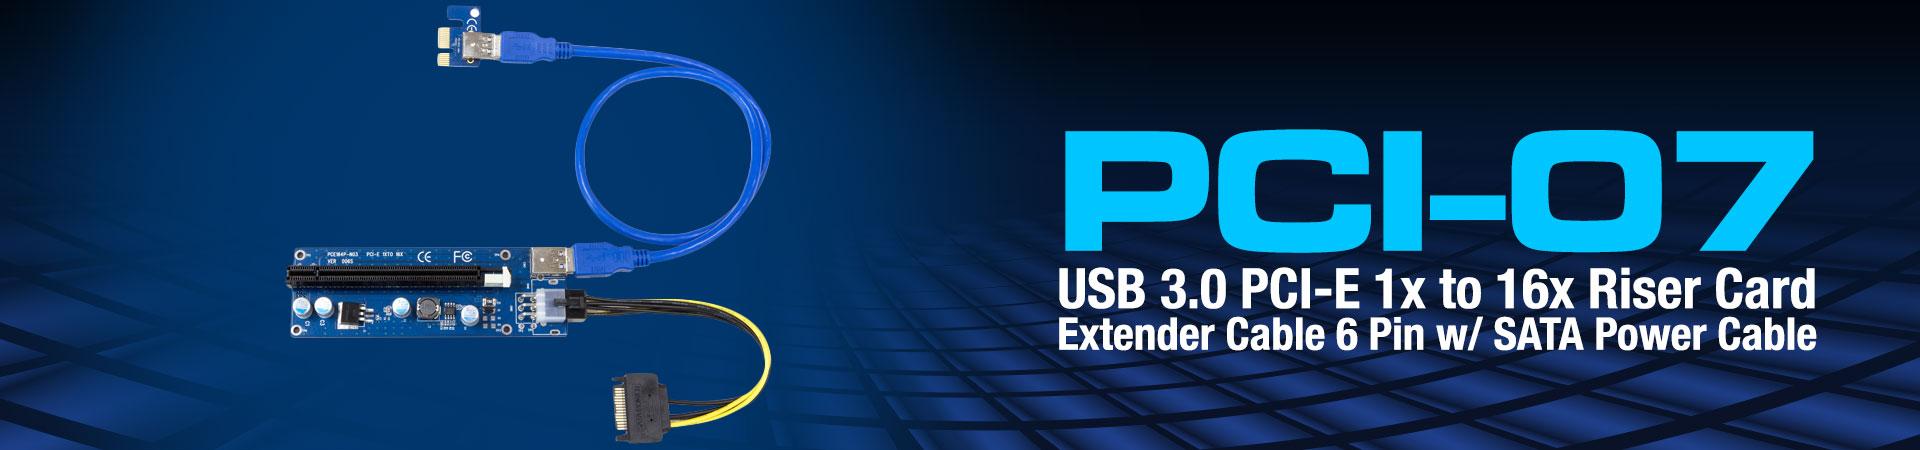 PCI-07_BANNER3